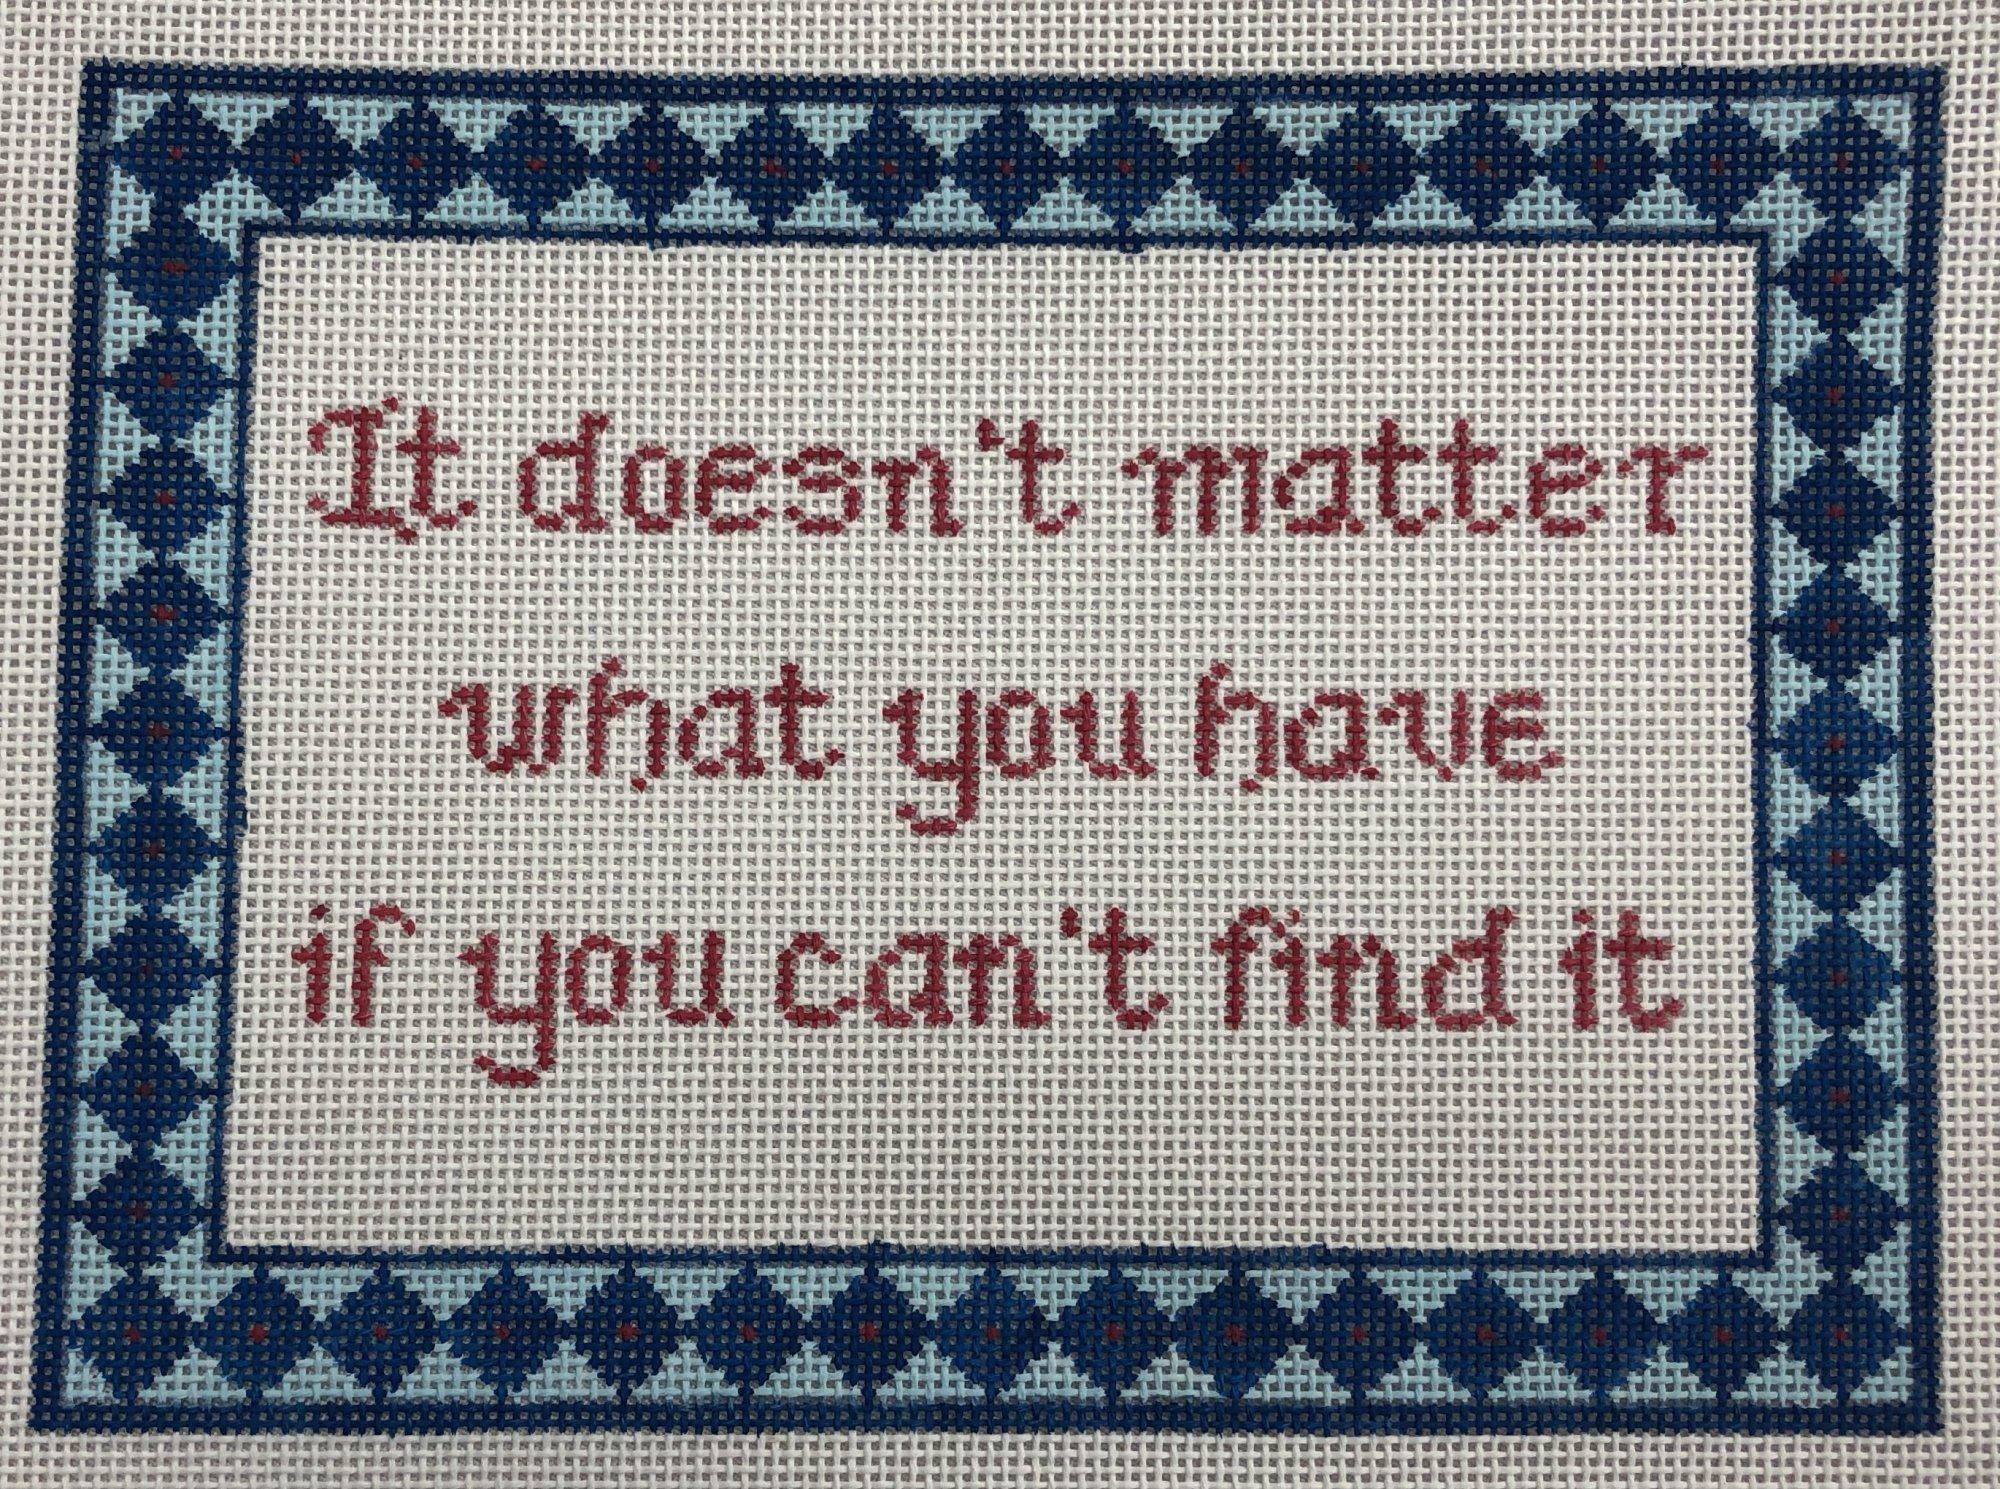 doesn't matter...